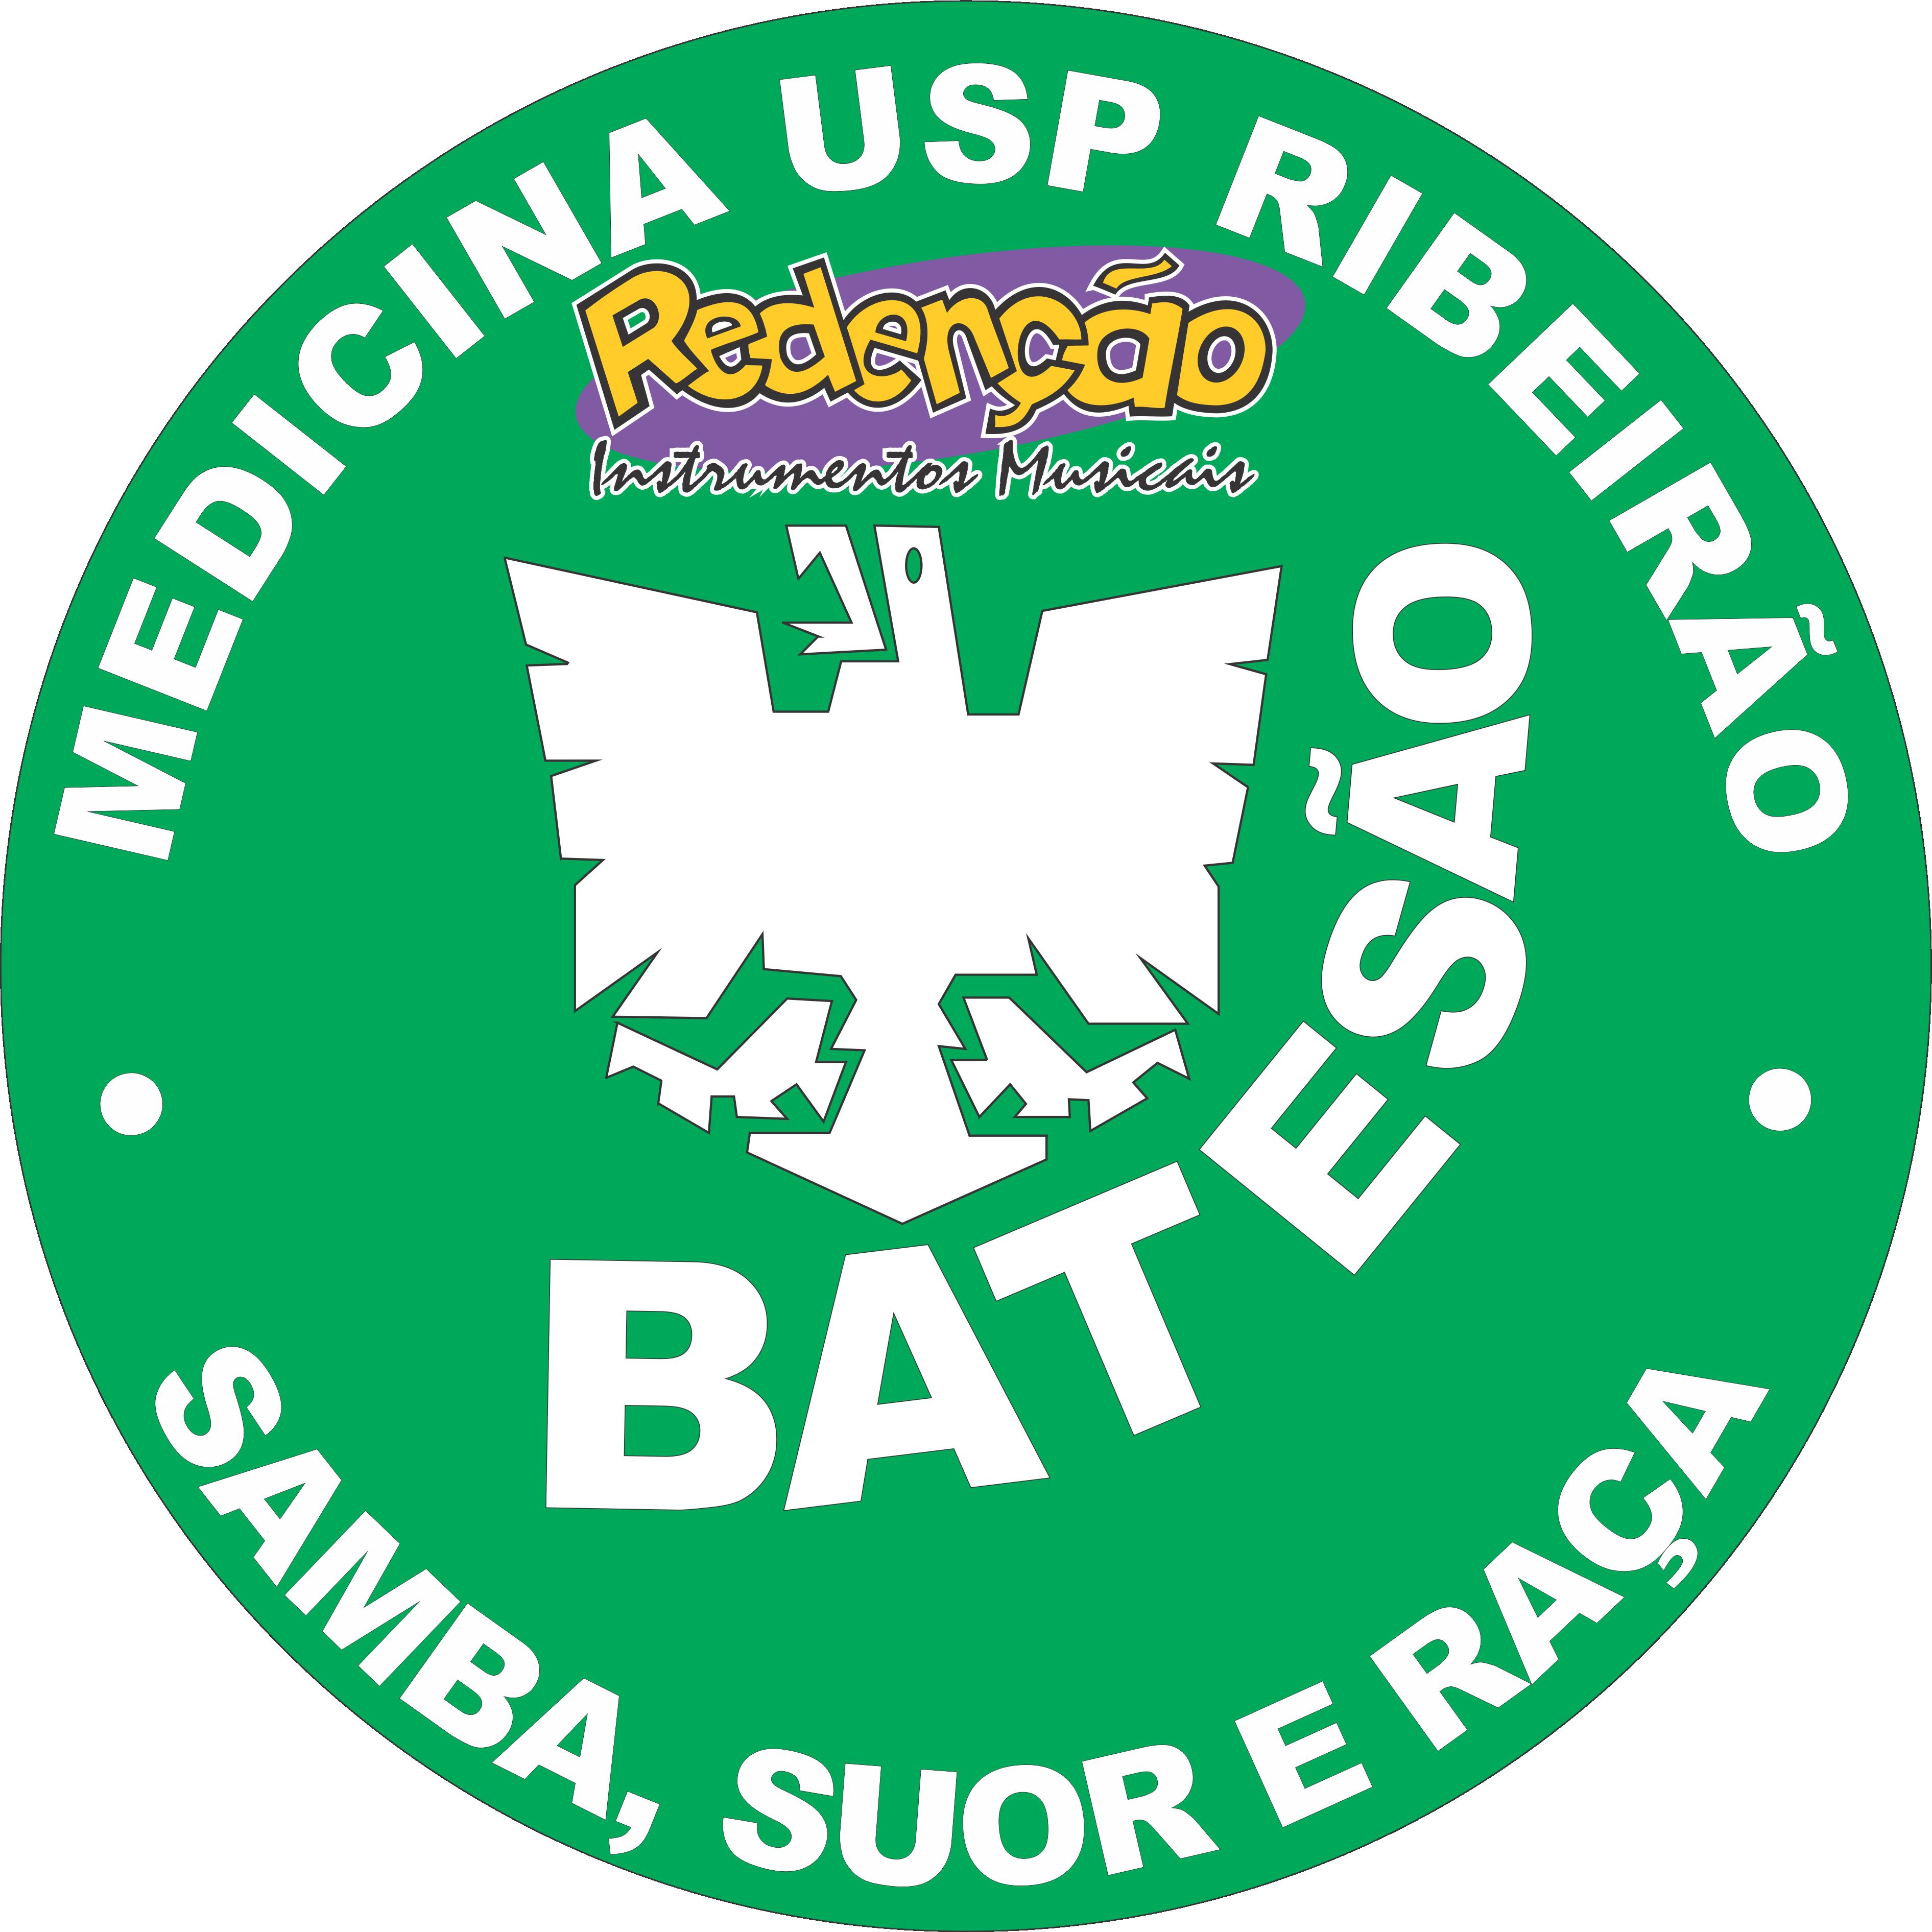 Batesão.png